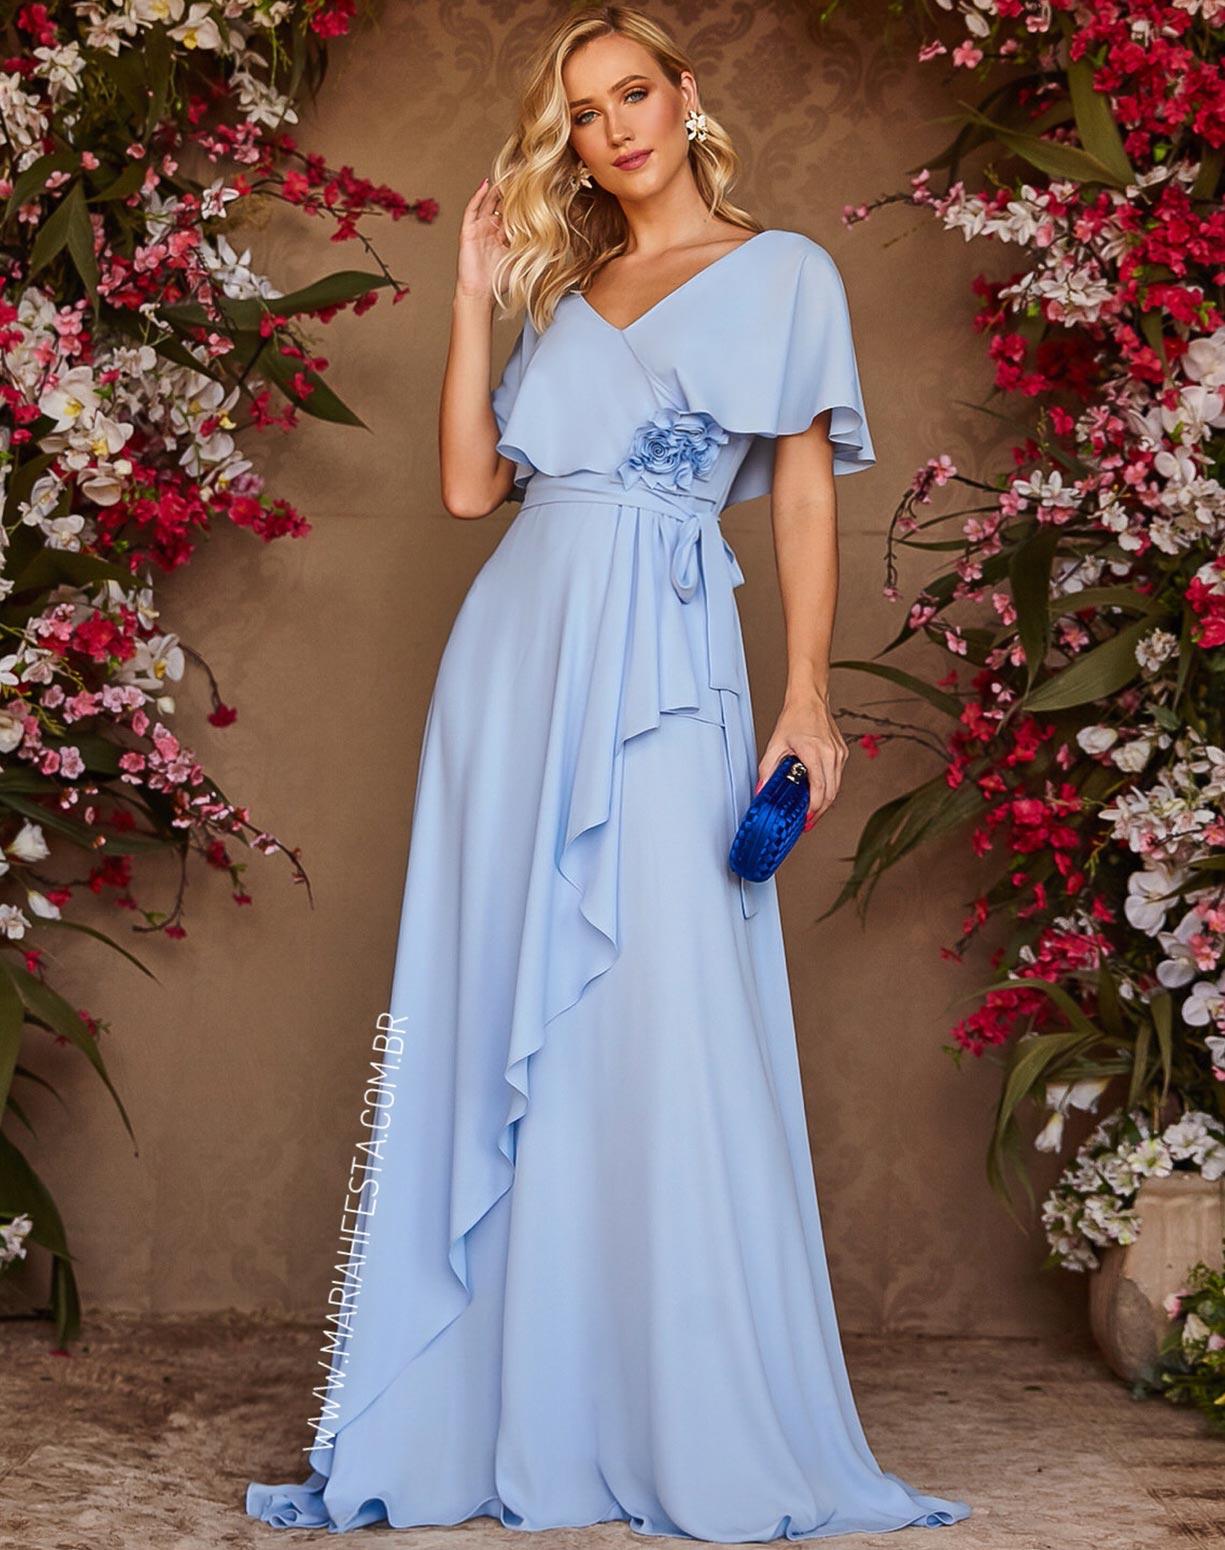 Vestido Azul Serenity com Manga Curta e Flores 3D